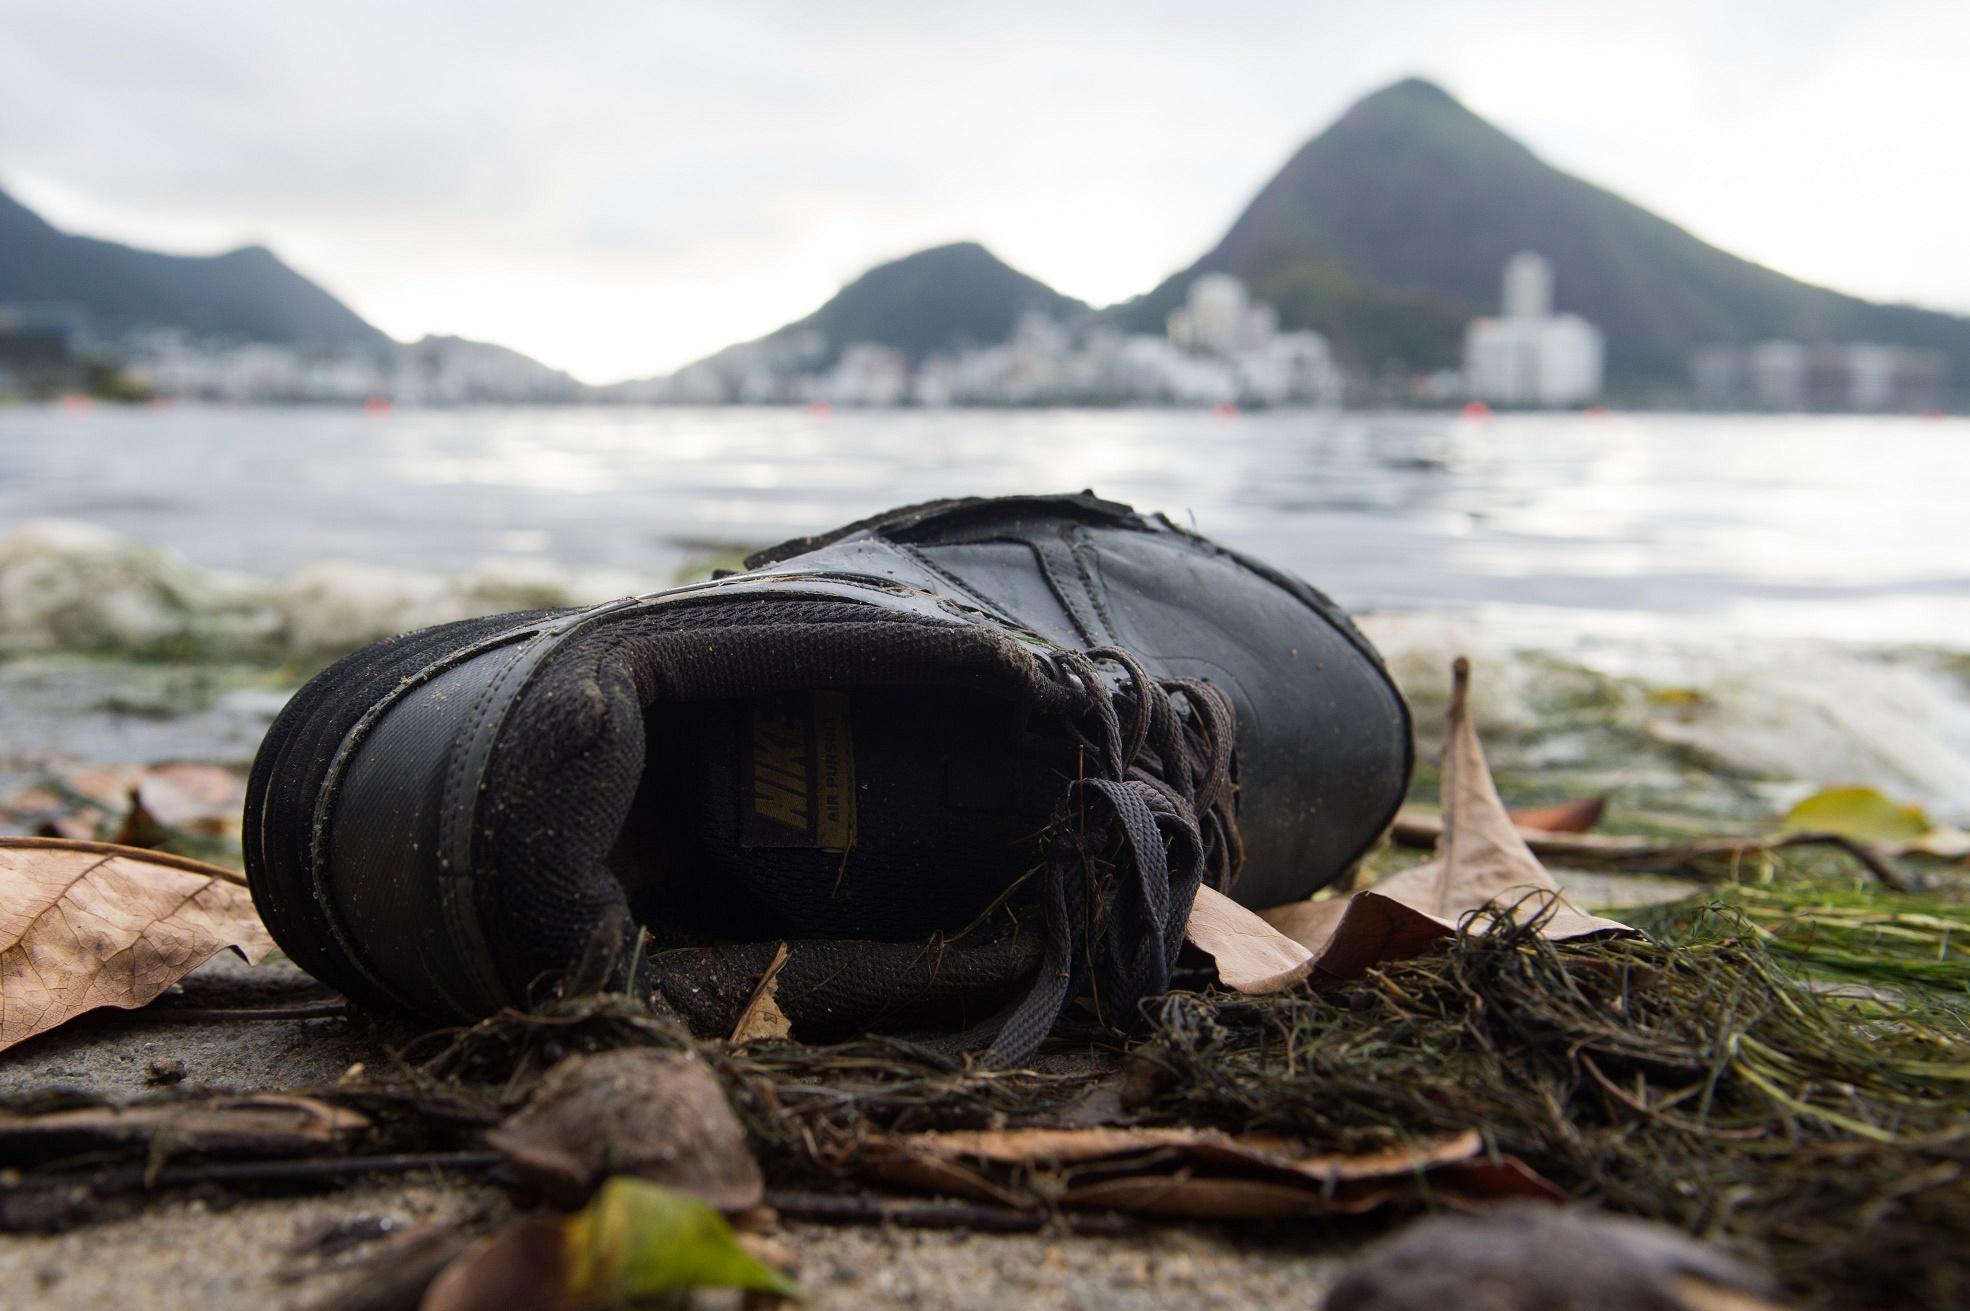 O lixo nas margens da Lagoa Rodrigo de Freitas mostra que nem tudo é festa na cidade